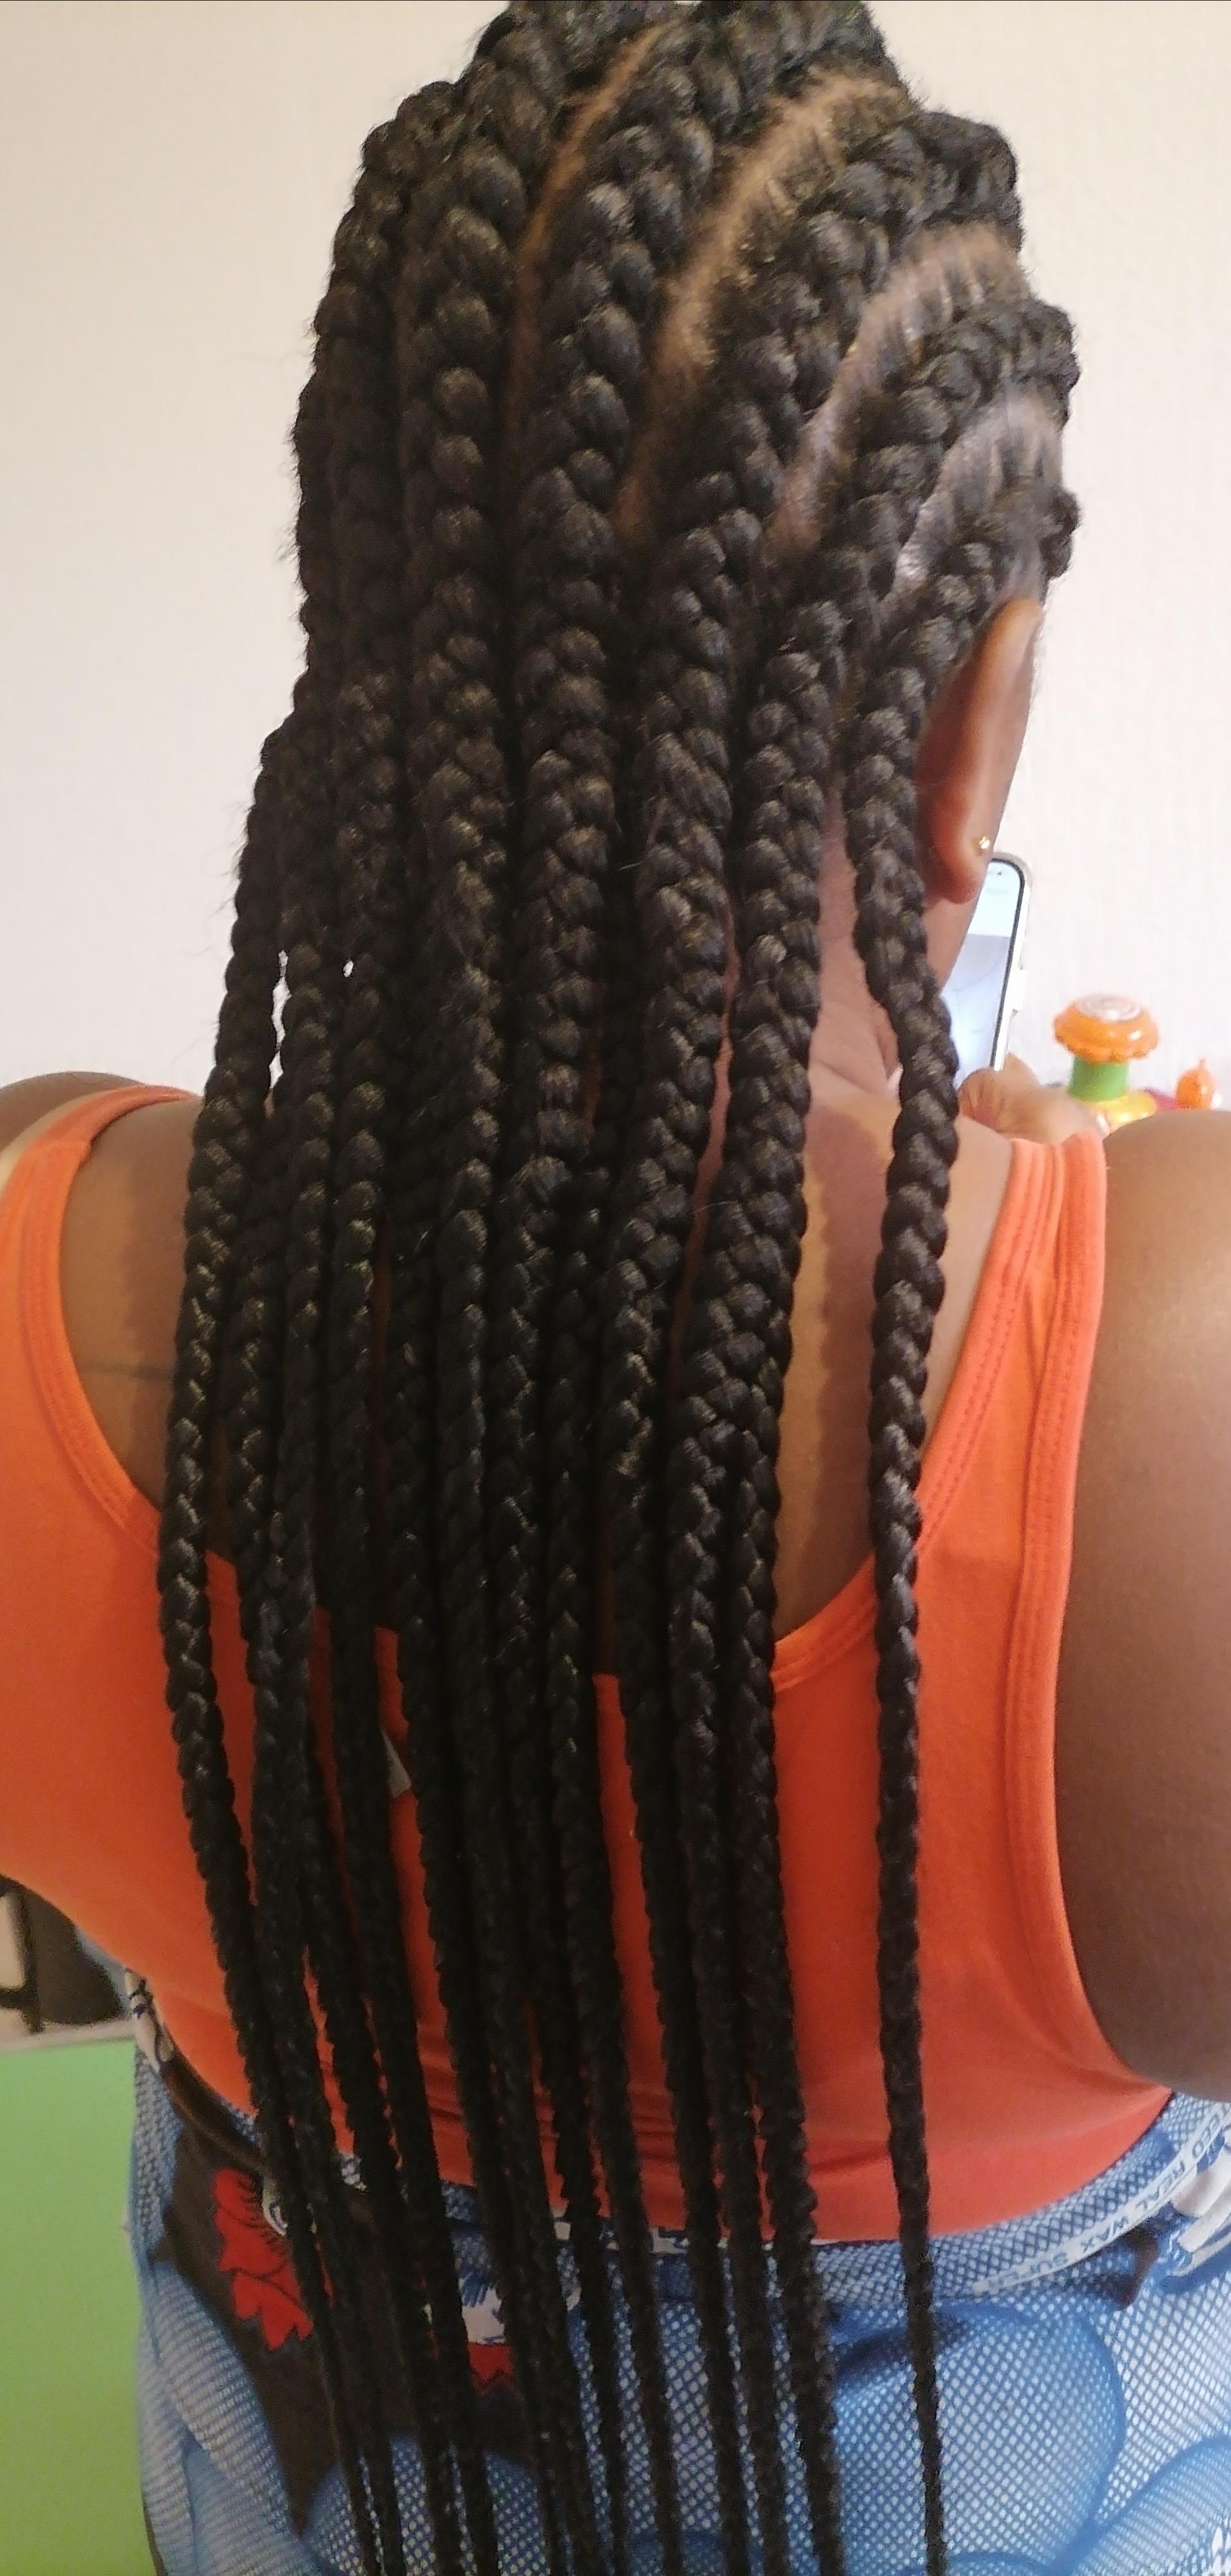 salon de coiffure afro tresse tresses box braids crochet braids vanilles tissages paris 75 77 78 91 92 93 94 95 EBJOWBSF